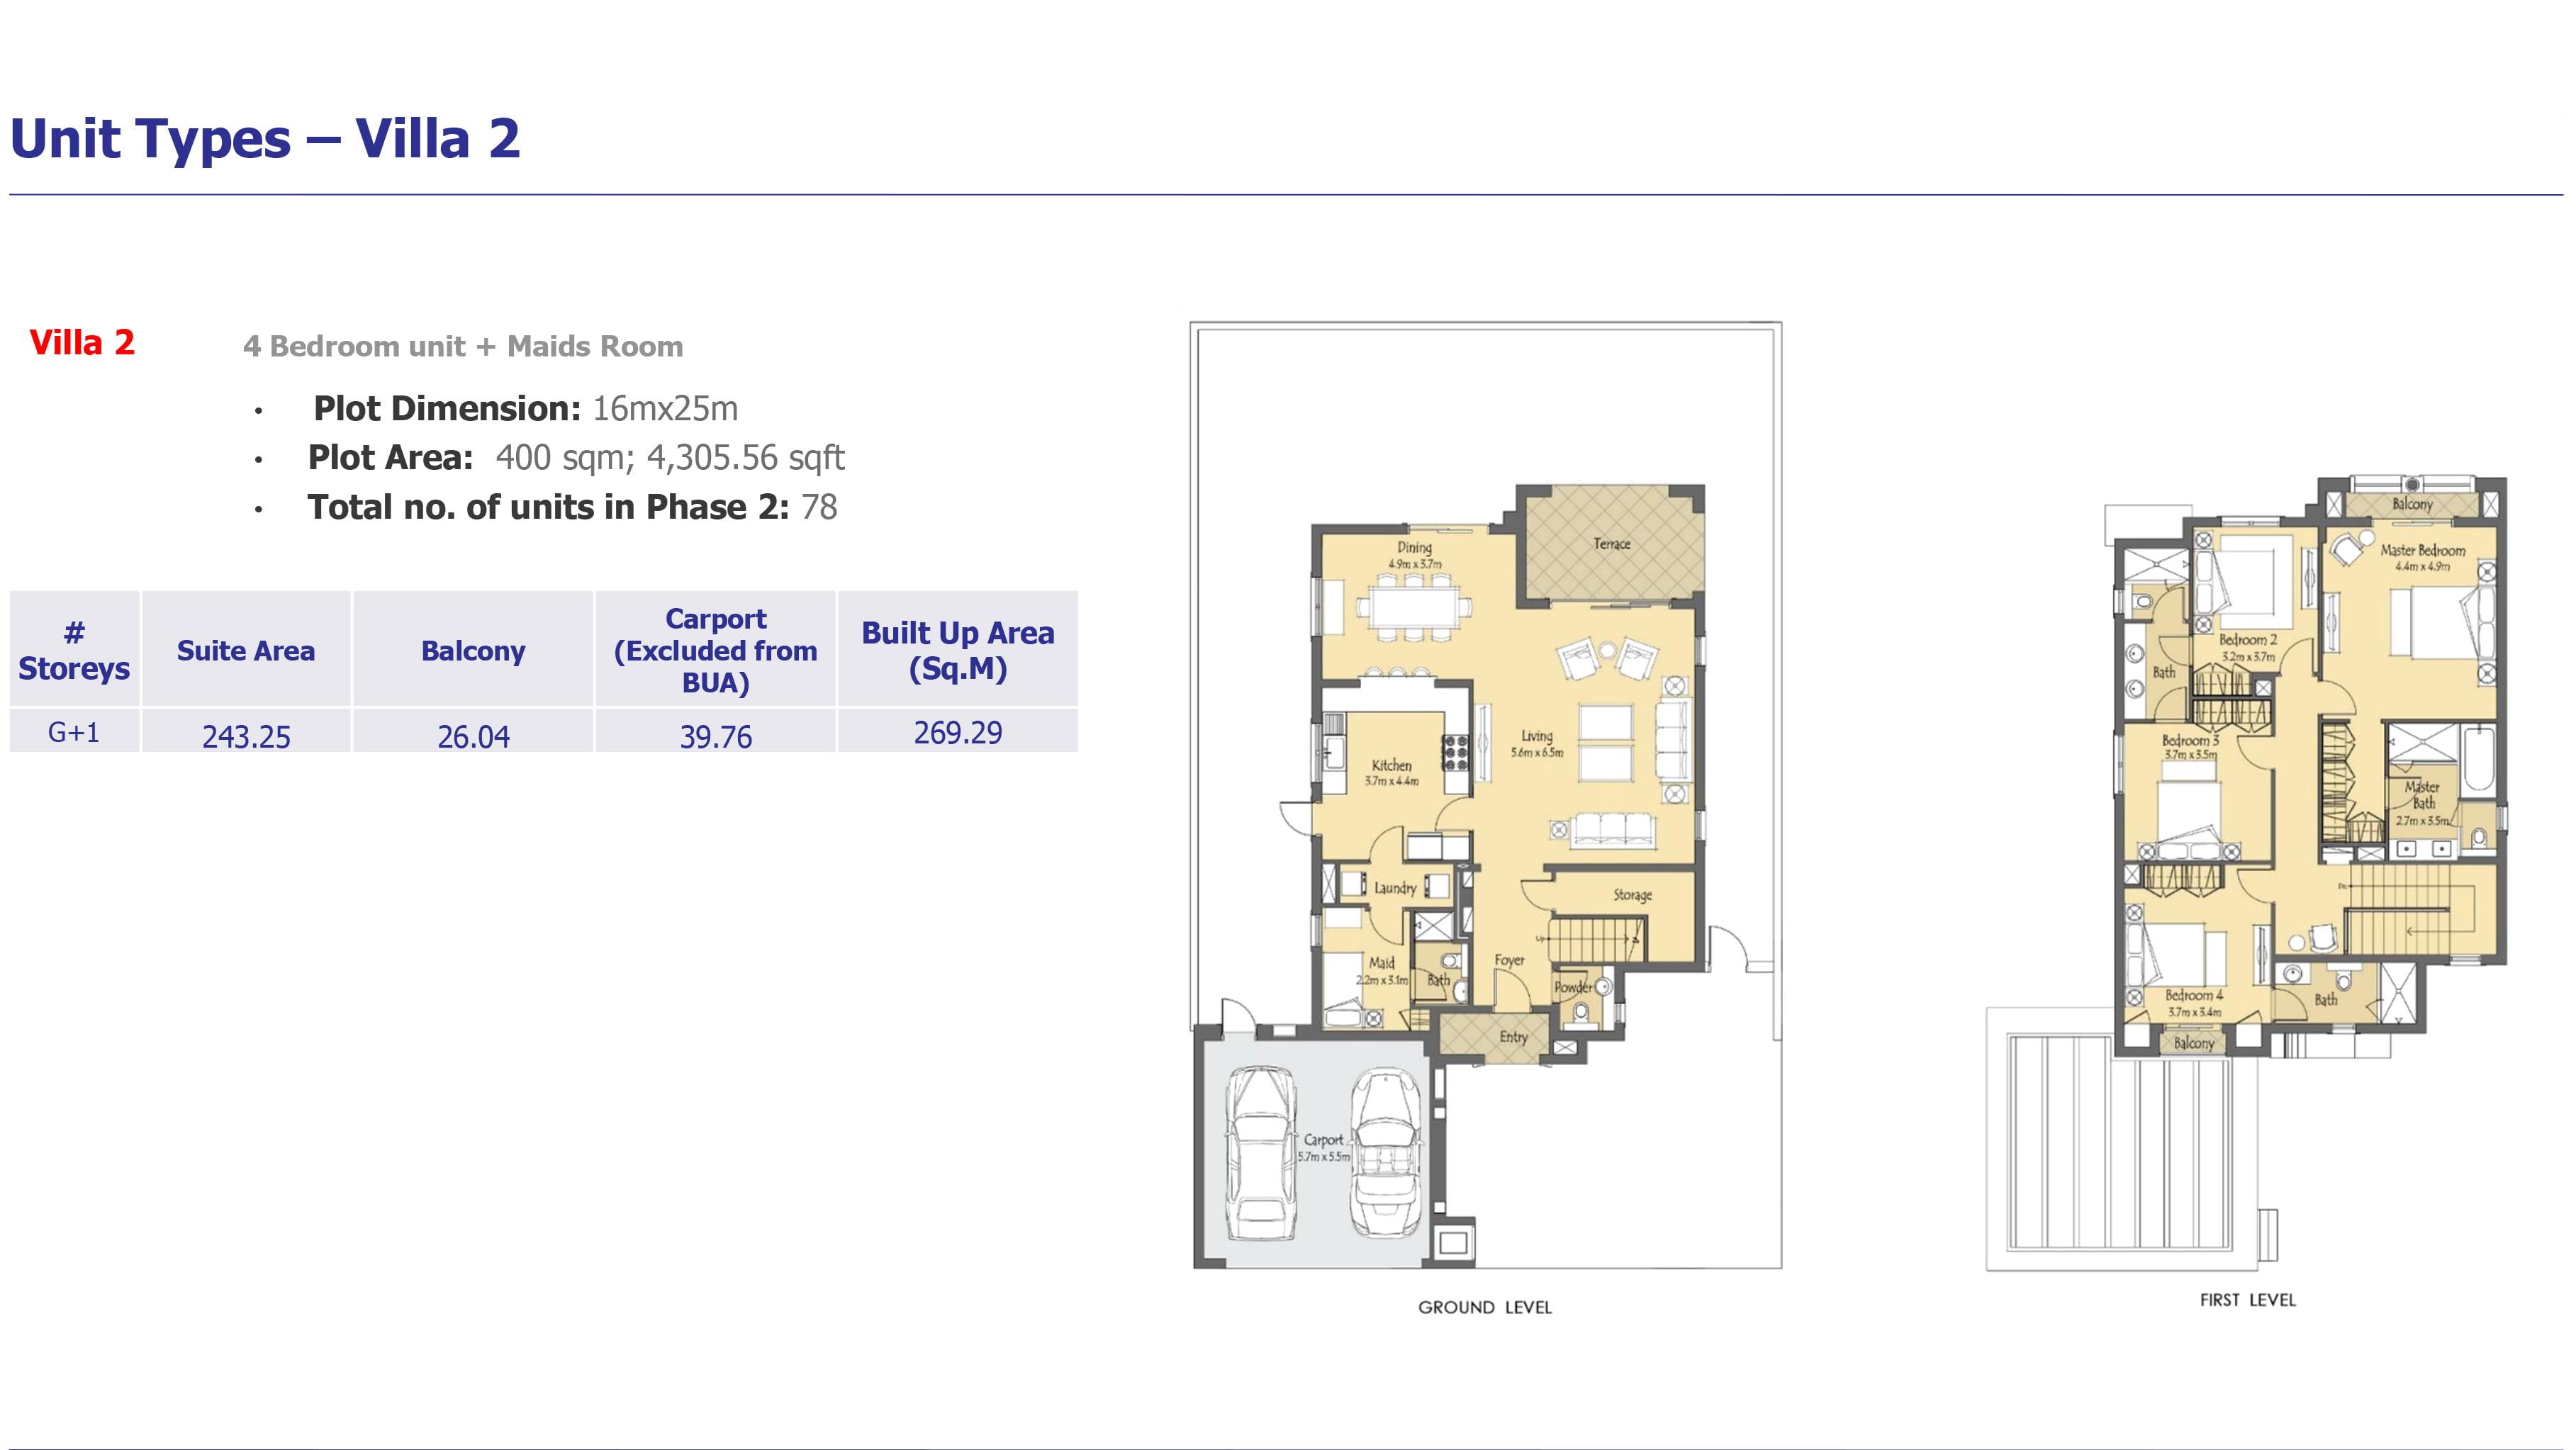 villa 2 - Villanova Phase 2 Floor Plans